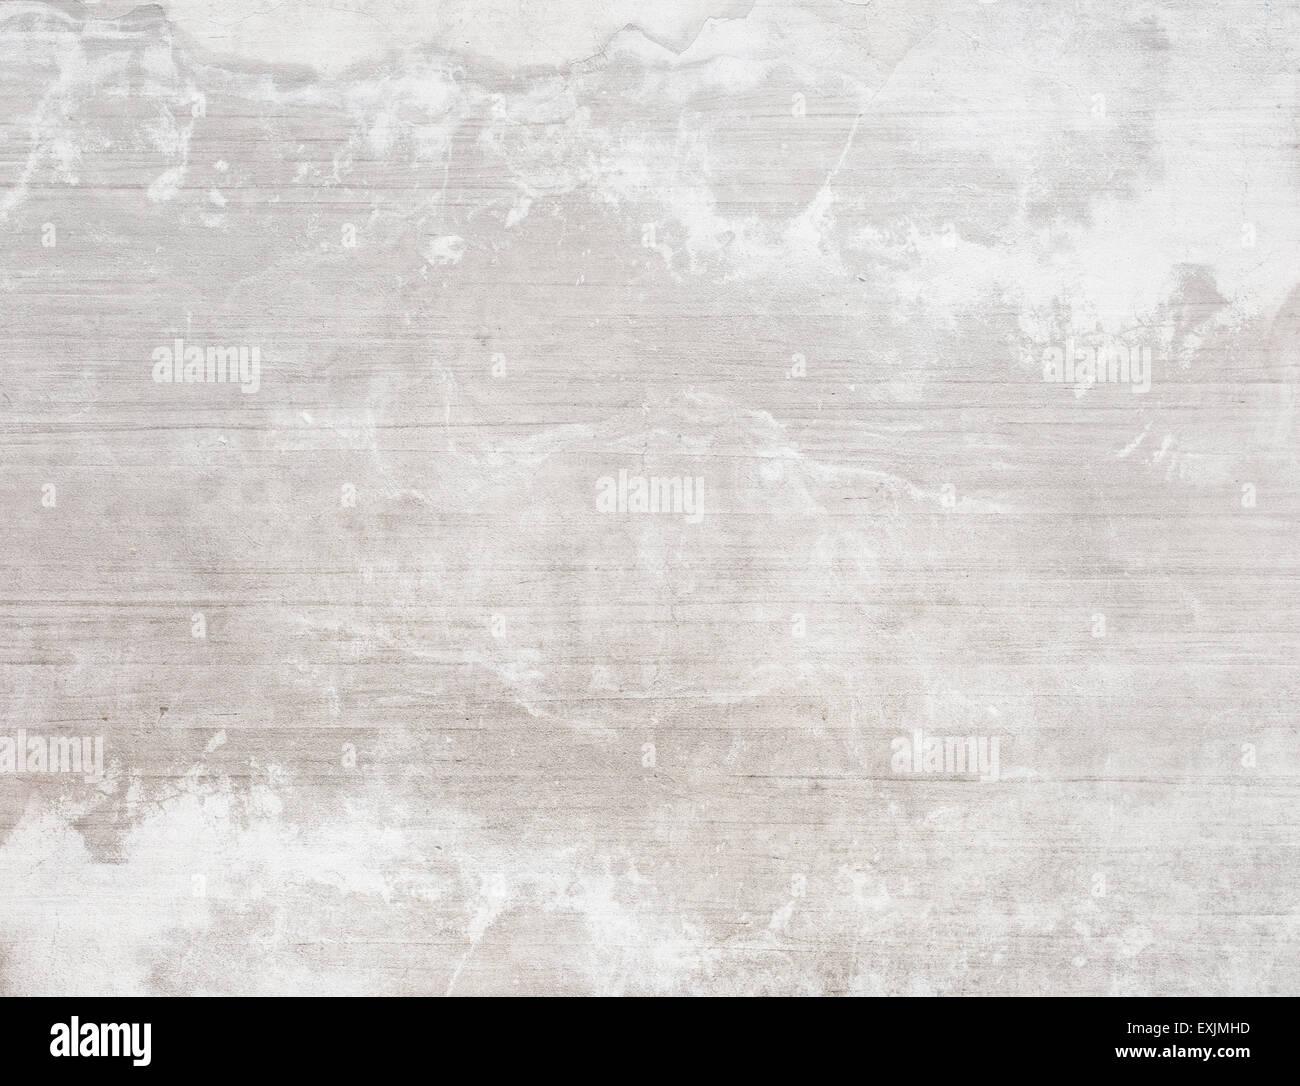 Calcestruzzo muro bianco texture di sfondo, colorate e in marmo Foto Stock